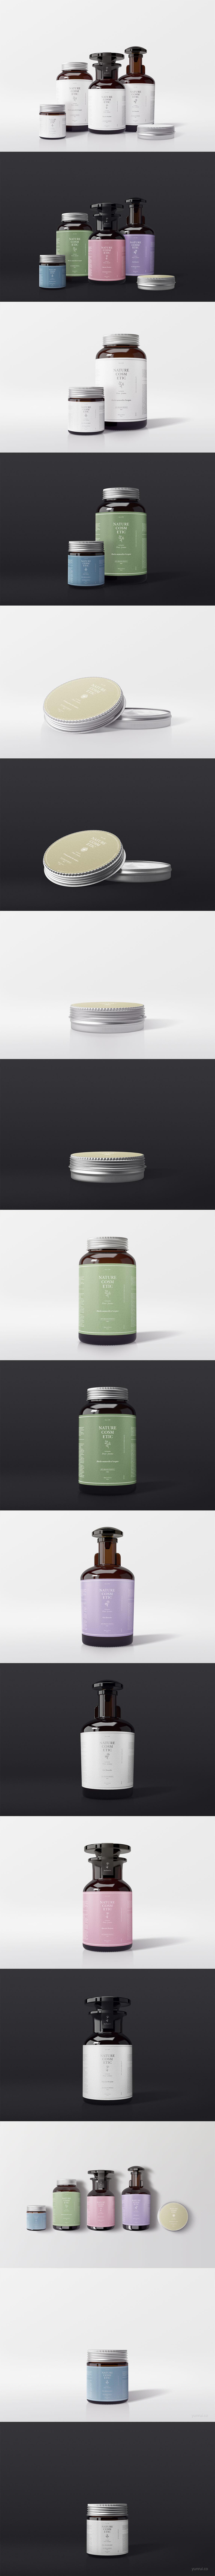 护肤品和化妆品类的瓶子Mockup打包下载[PSD]